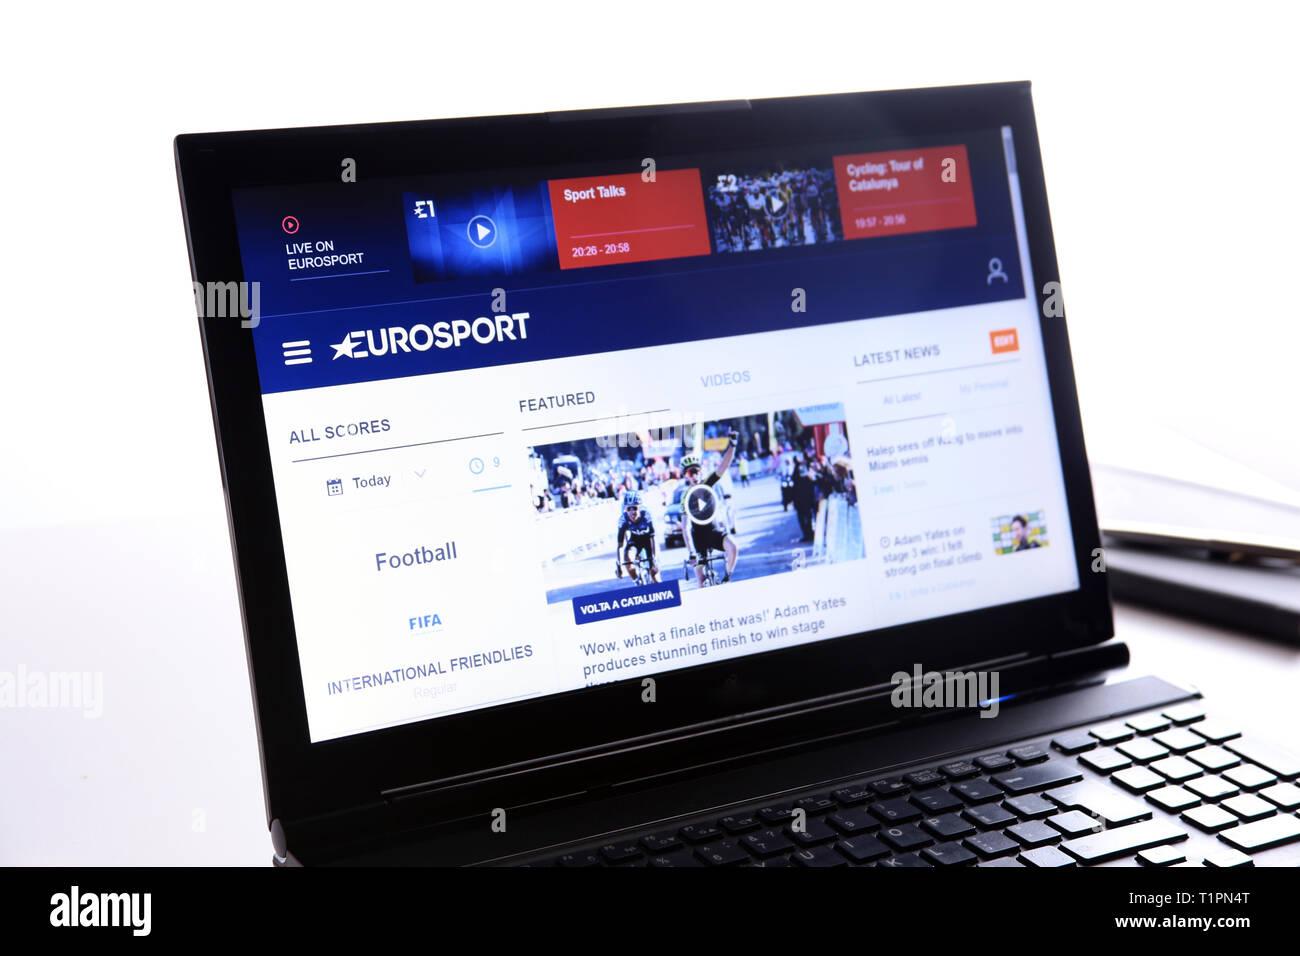 New York, USA - 25. März 2019: Illustrative redaktionelle Website von EuroSport Logo sichtbar auf dem Anzeigebildschirm angezeigt. Stockbild